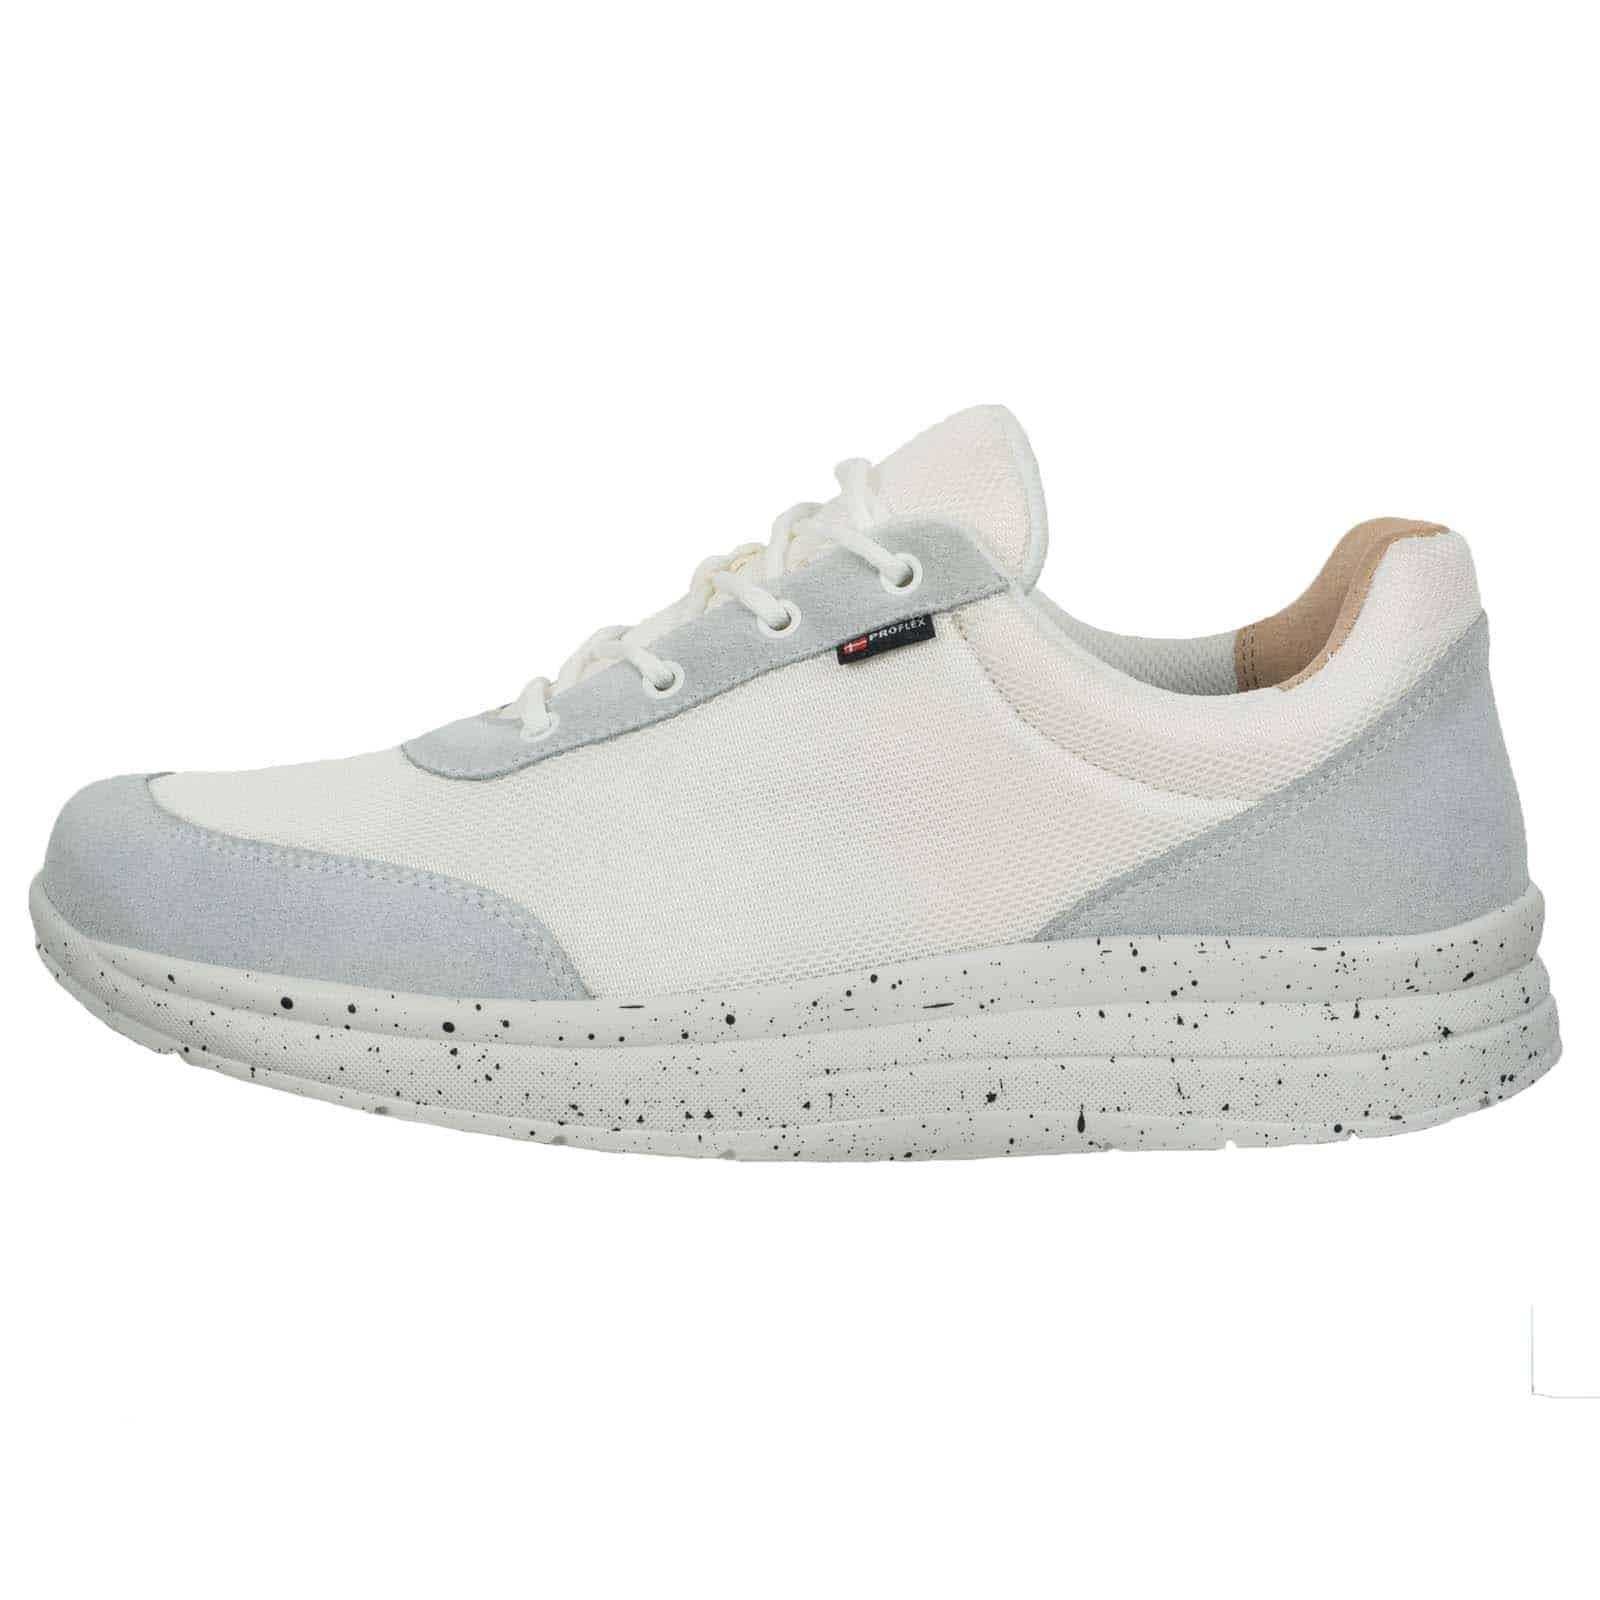 Proflex heren comfortsneaker wit met witte spikkelzool 1014-001-1-zijkant